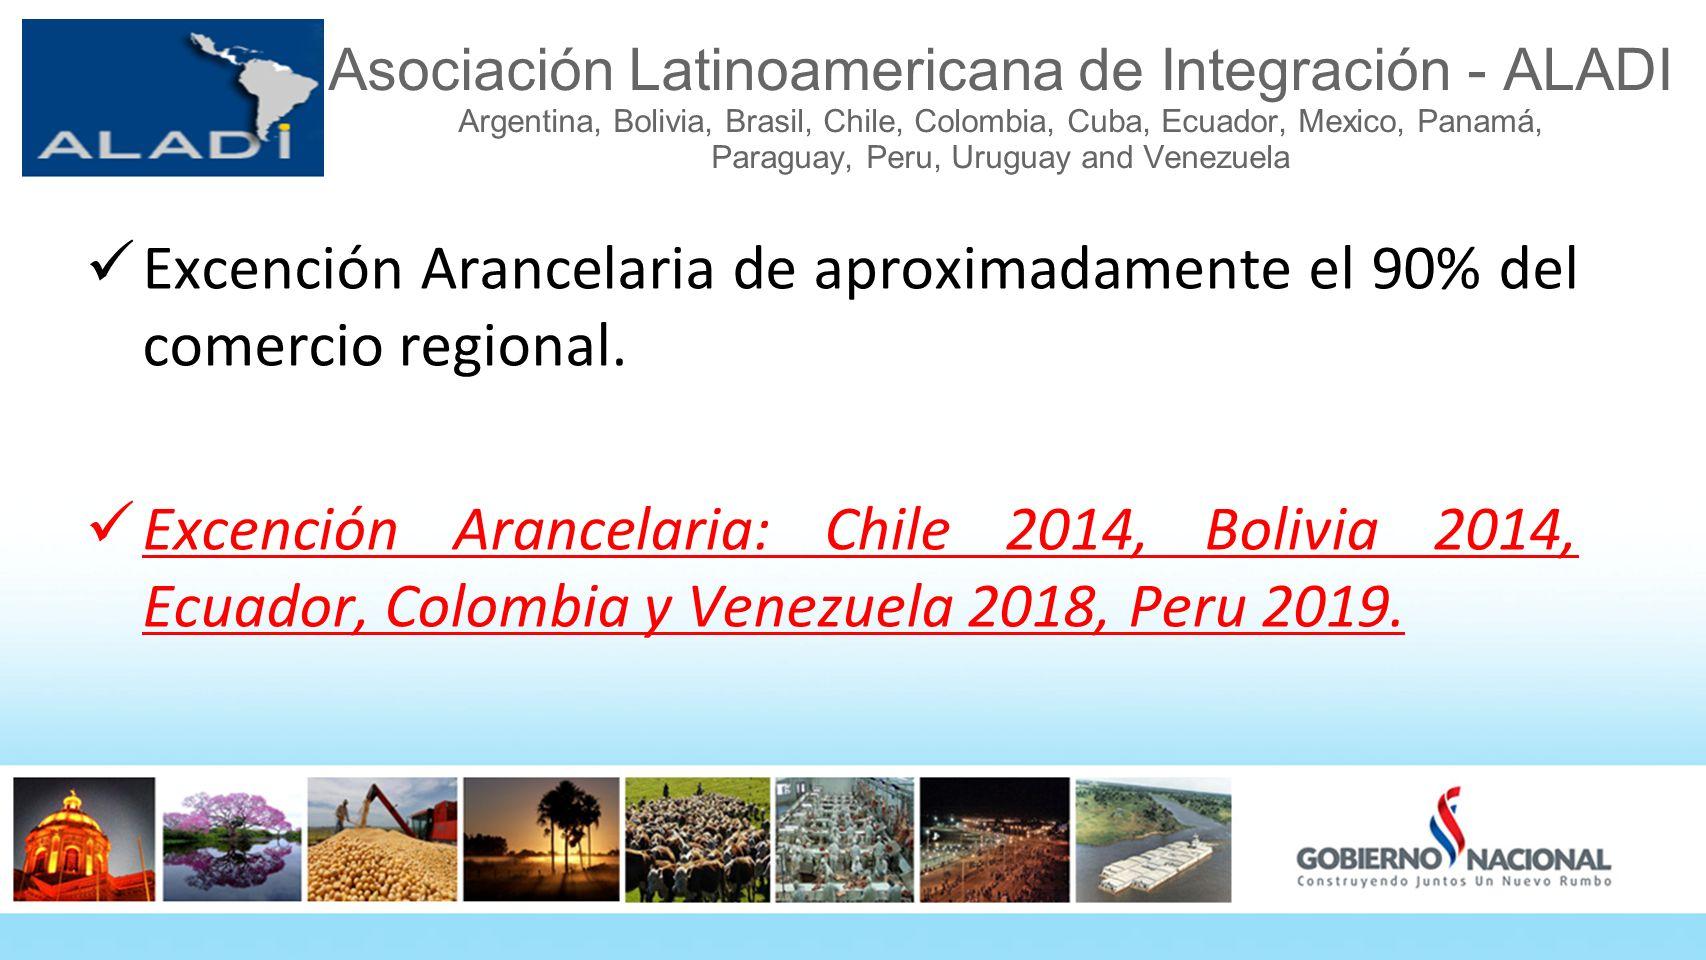 Excención Arancelaria de aproximadamente el 90% del comercio regional.